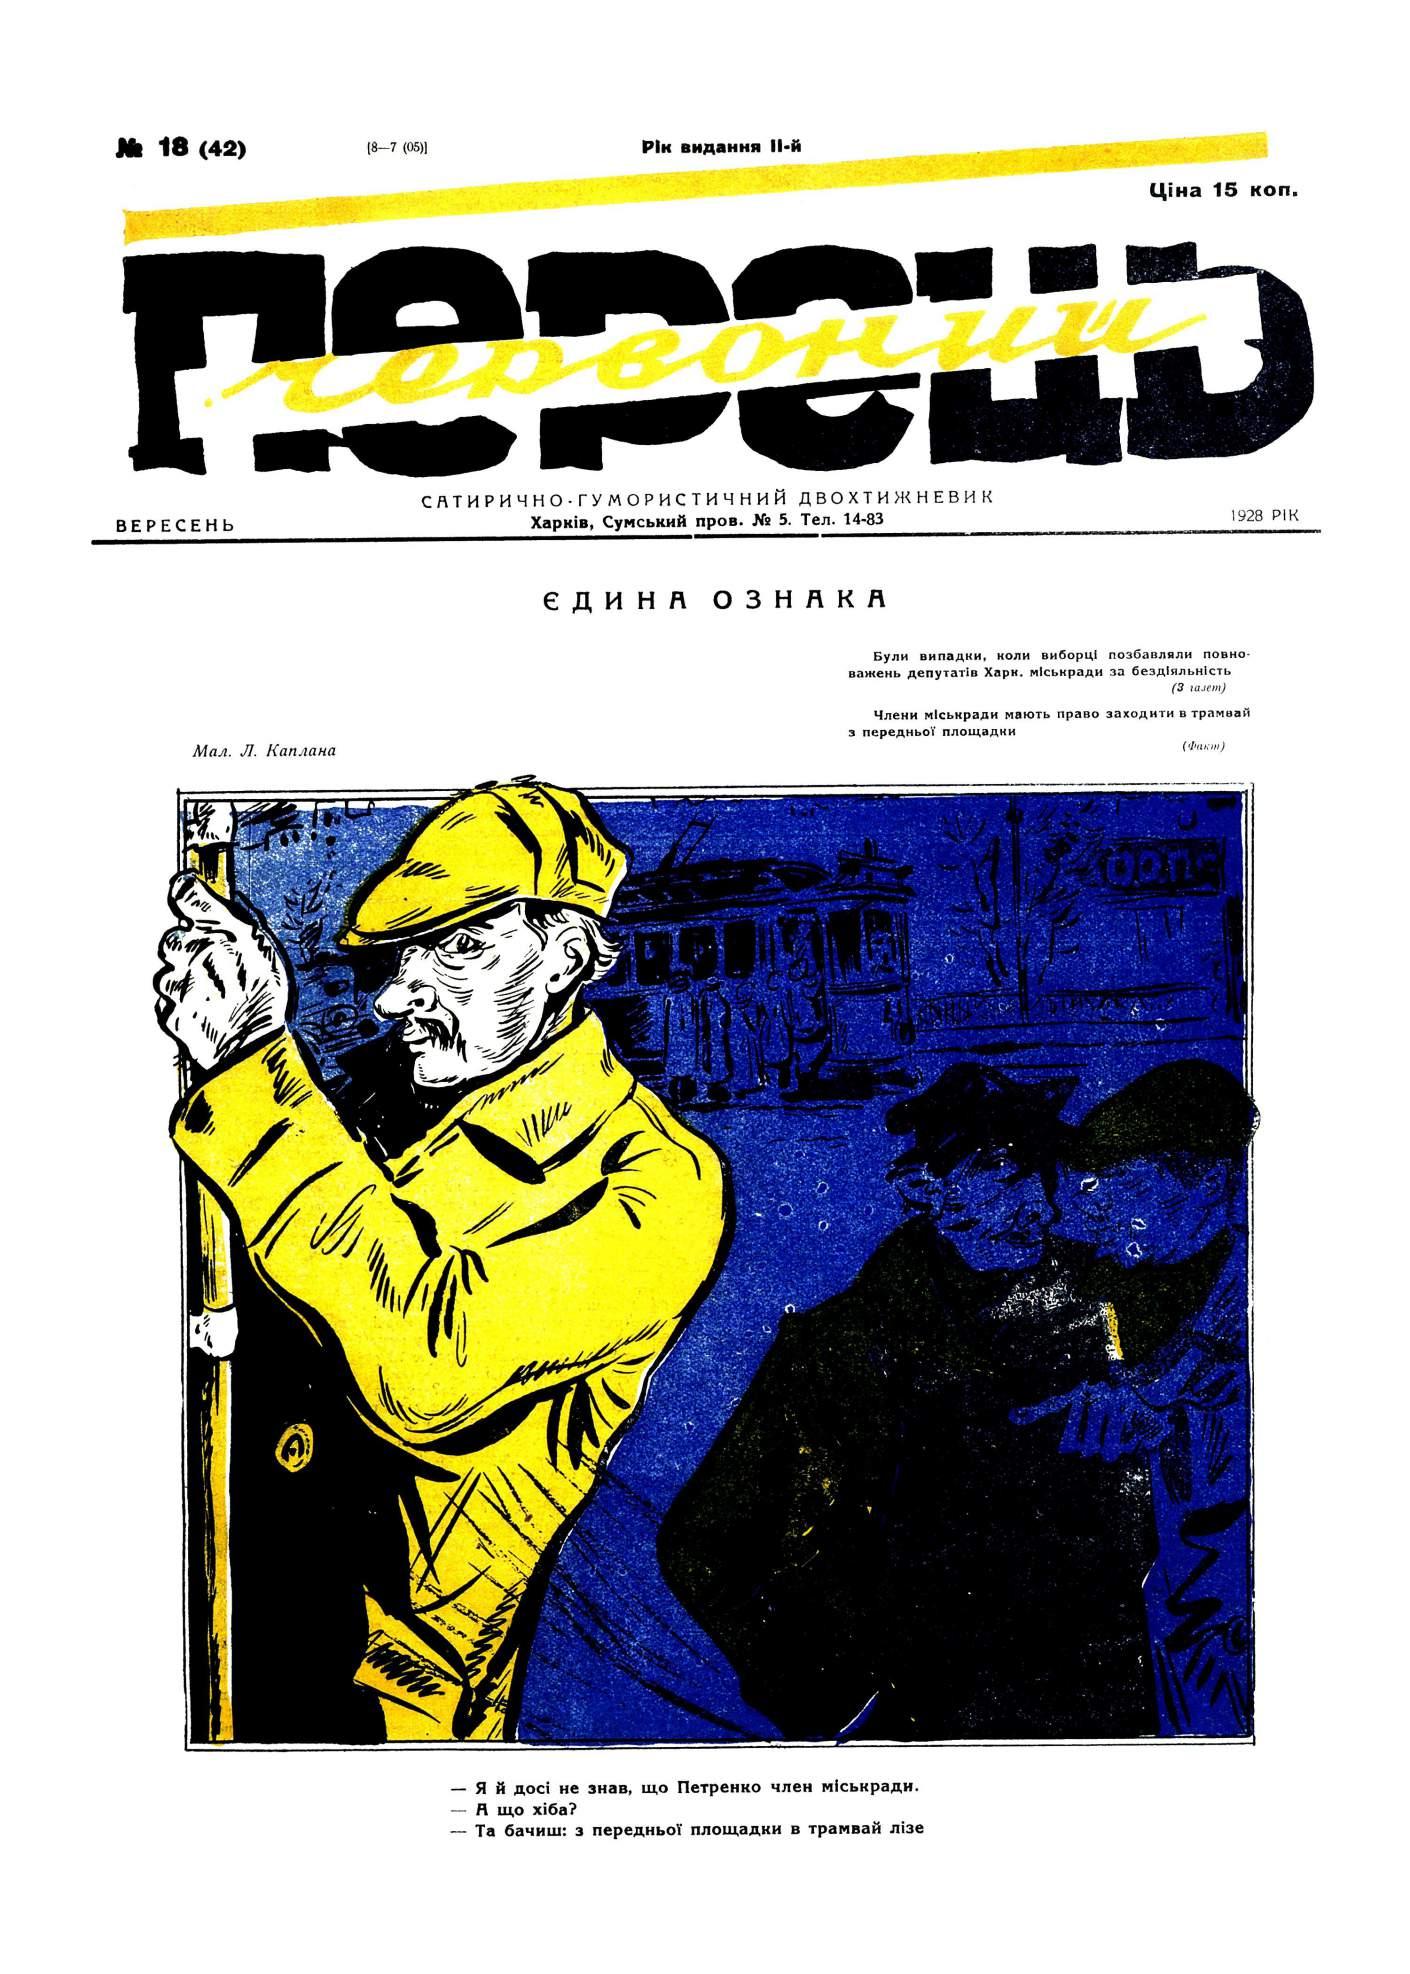 Журнал перець 1928 №18